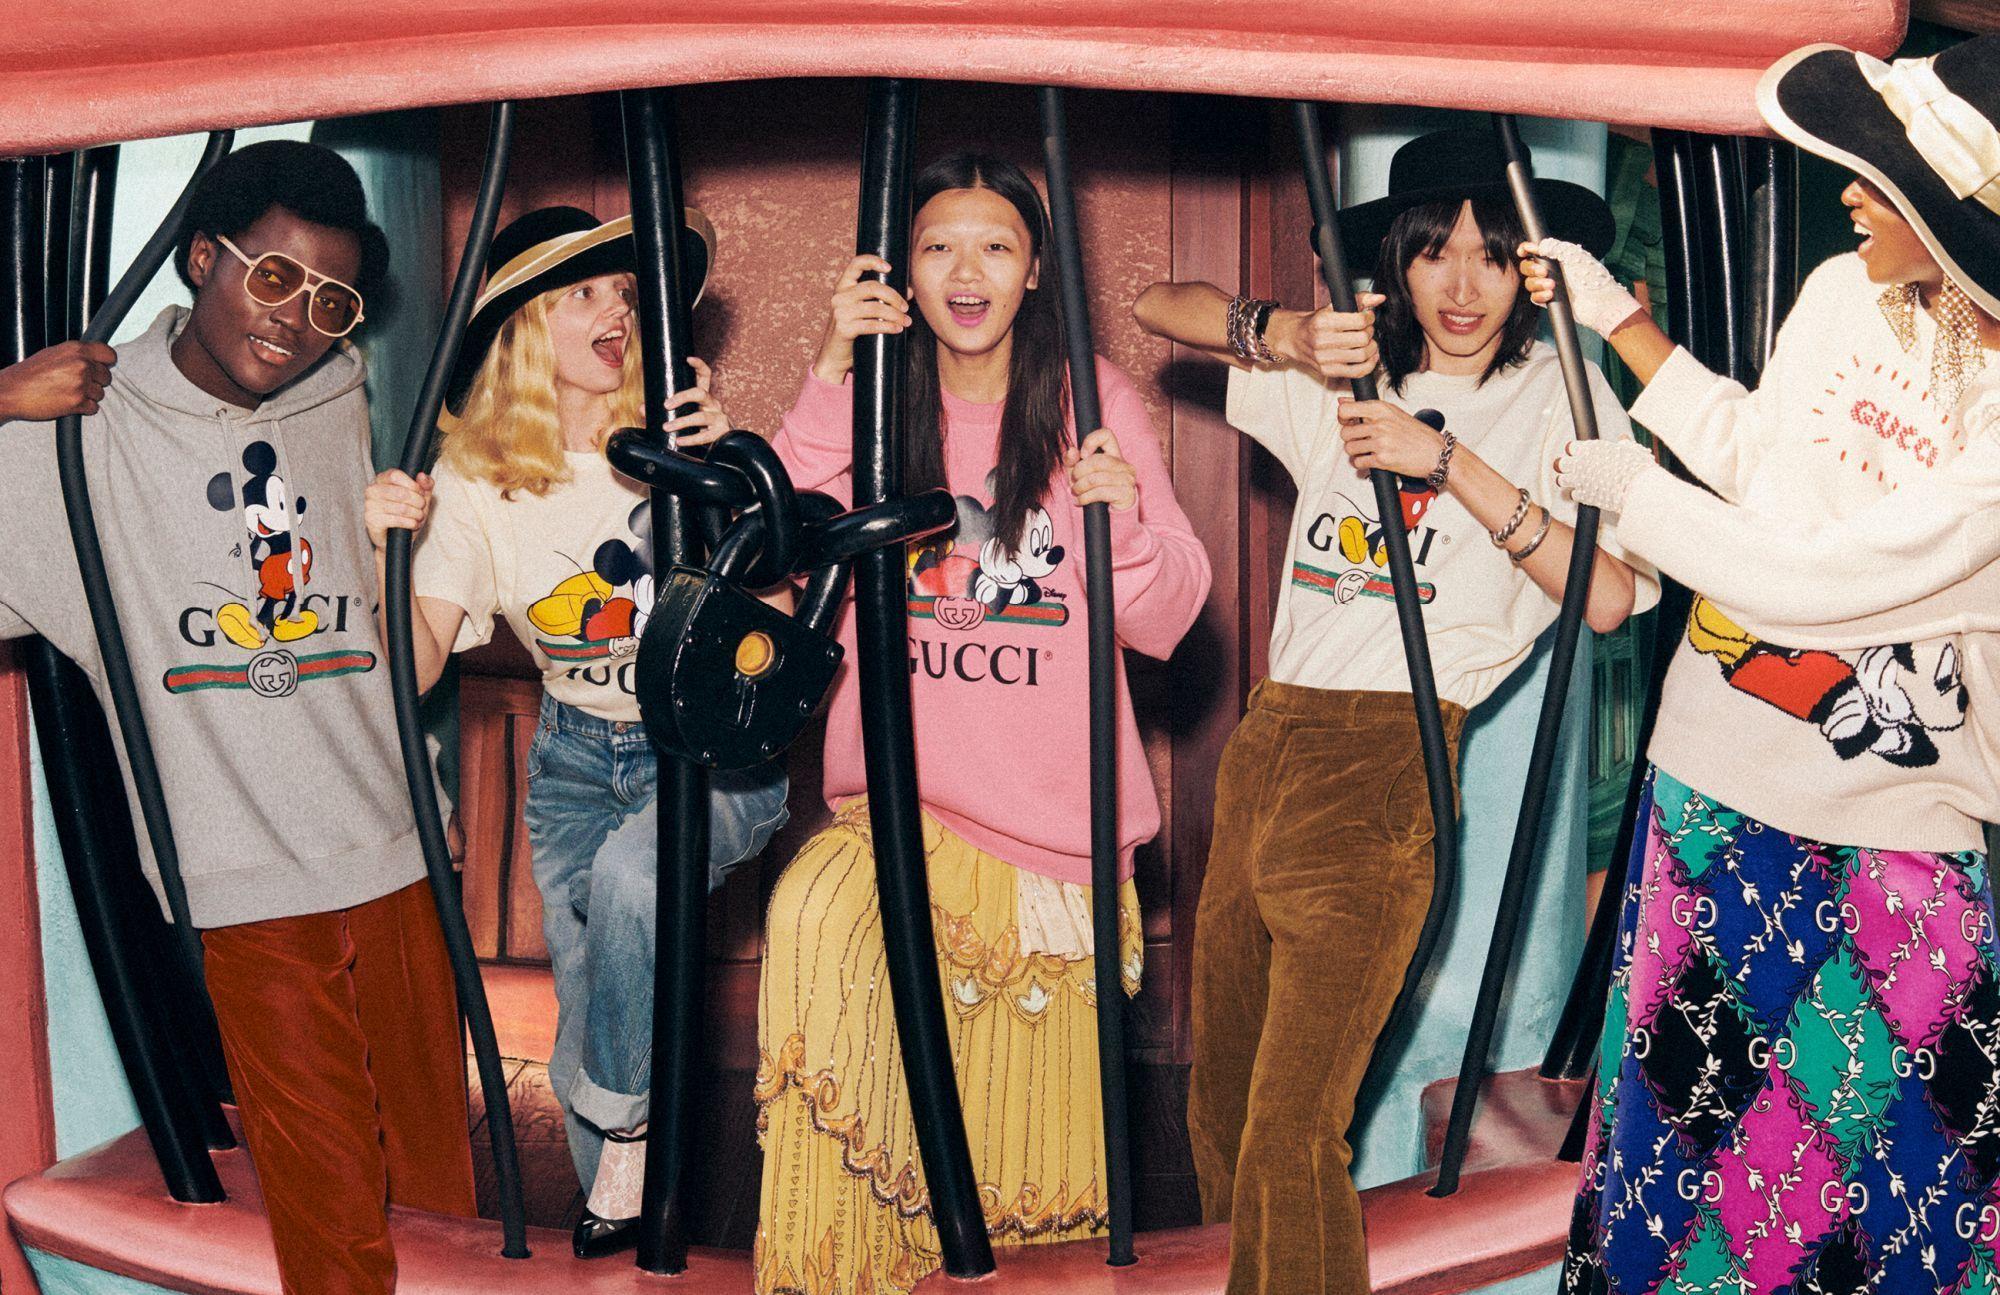 Collezione di Gucci per Disney - Neomag.